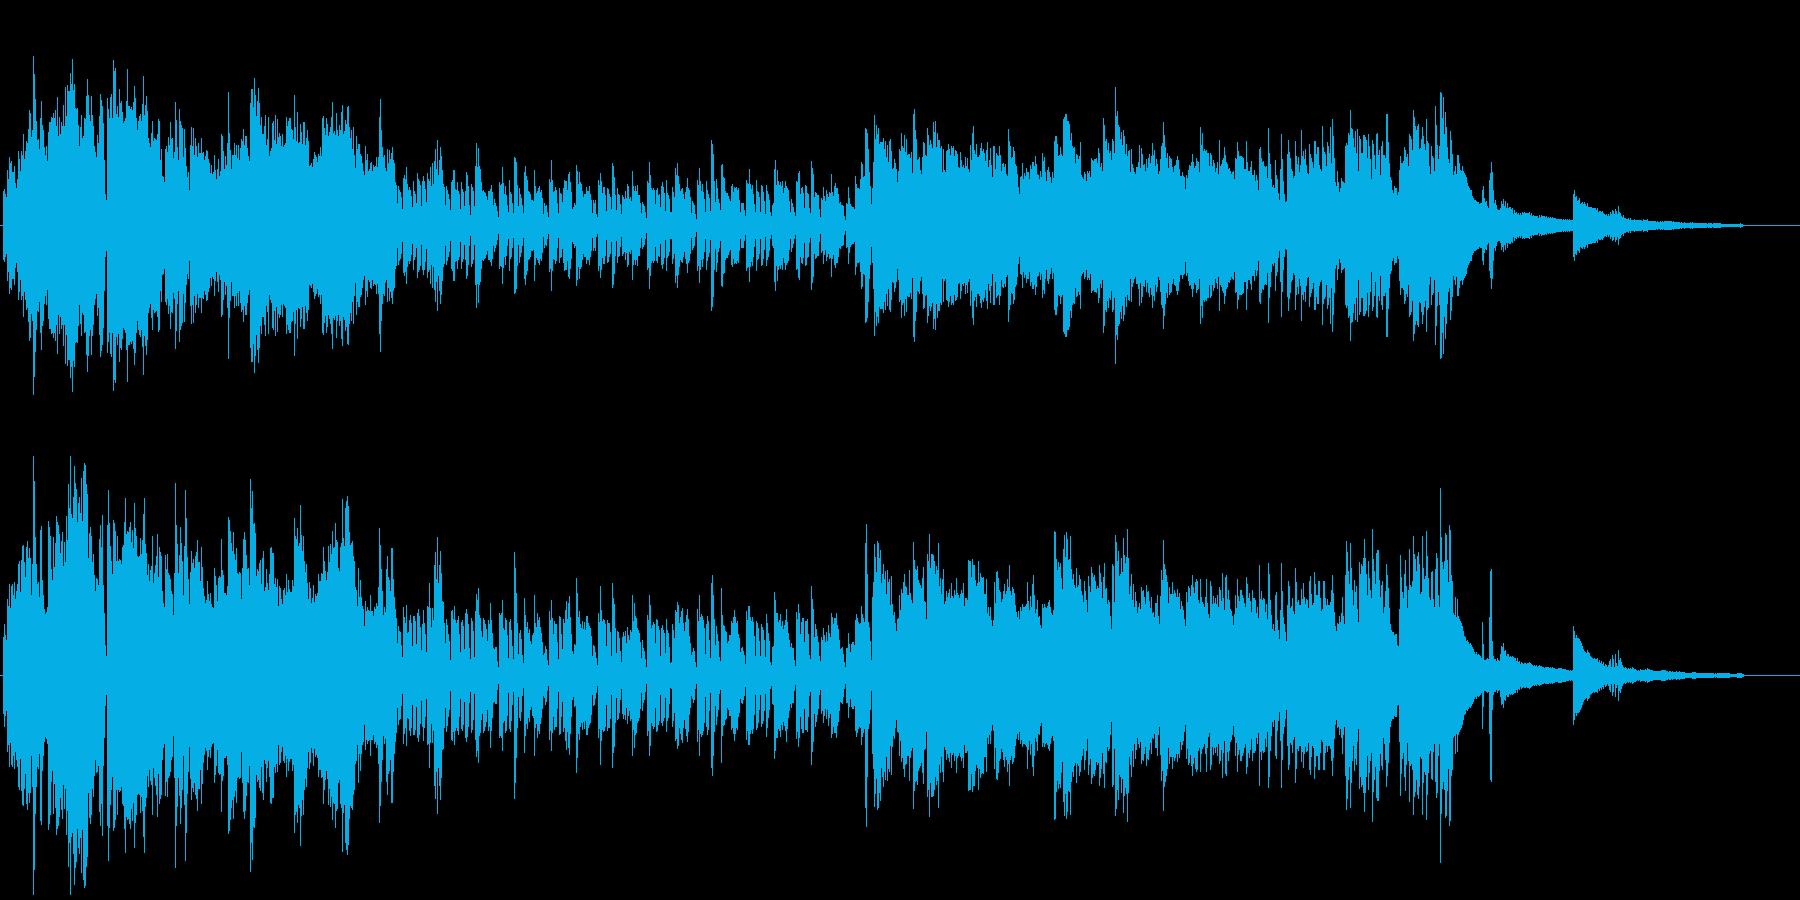 暗くドラマチックな、変拍子ピアノソロの再生済みの波形